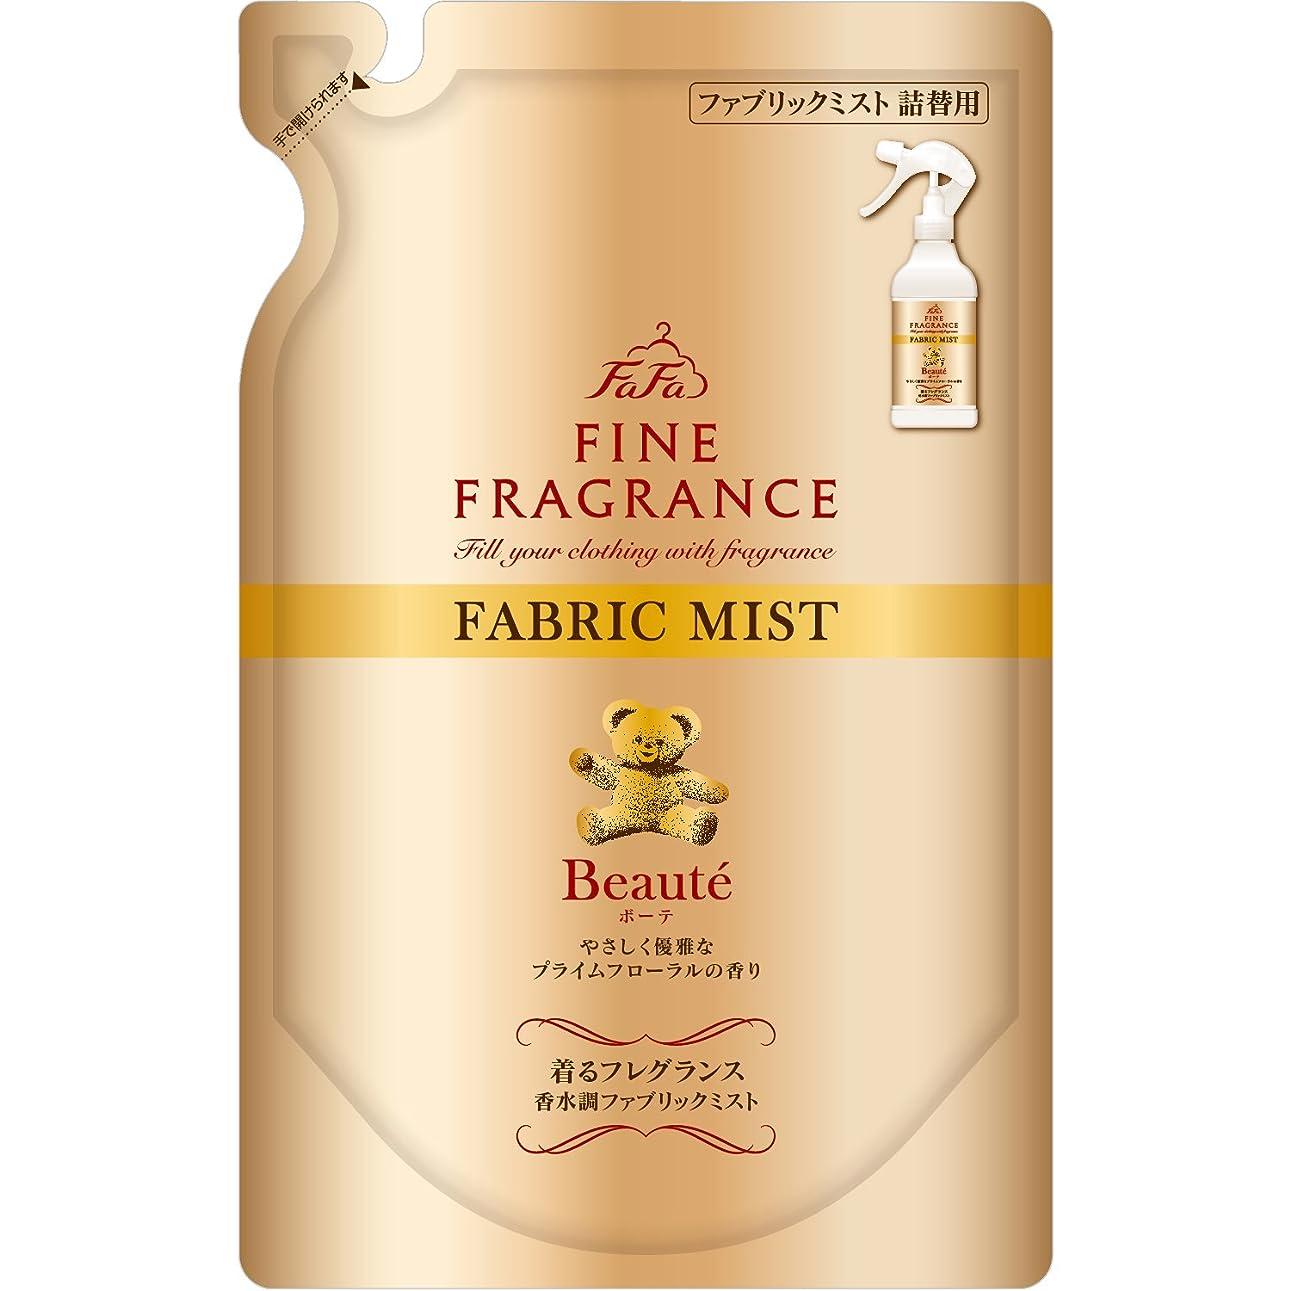 織るデータム改善ファーファ ファインフレグランス ファブリックミスト 消臭芳香剤 布用 ボーテ 香水調プライムフローラルの香り 詰替 230ml